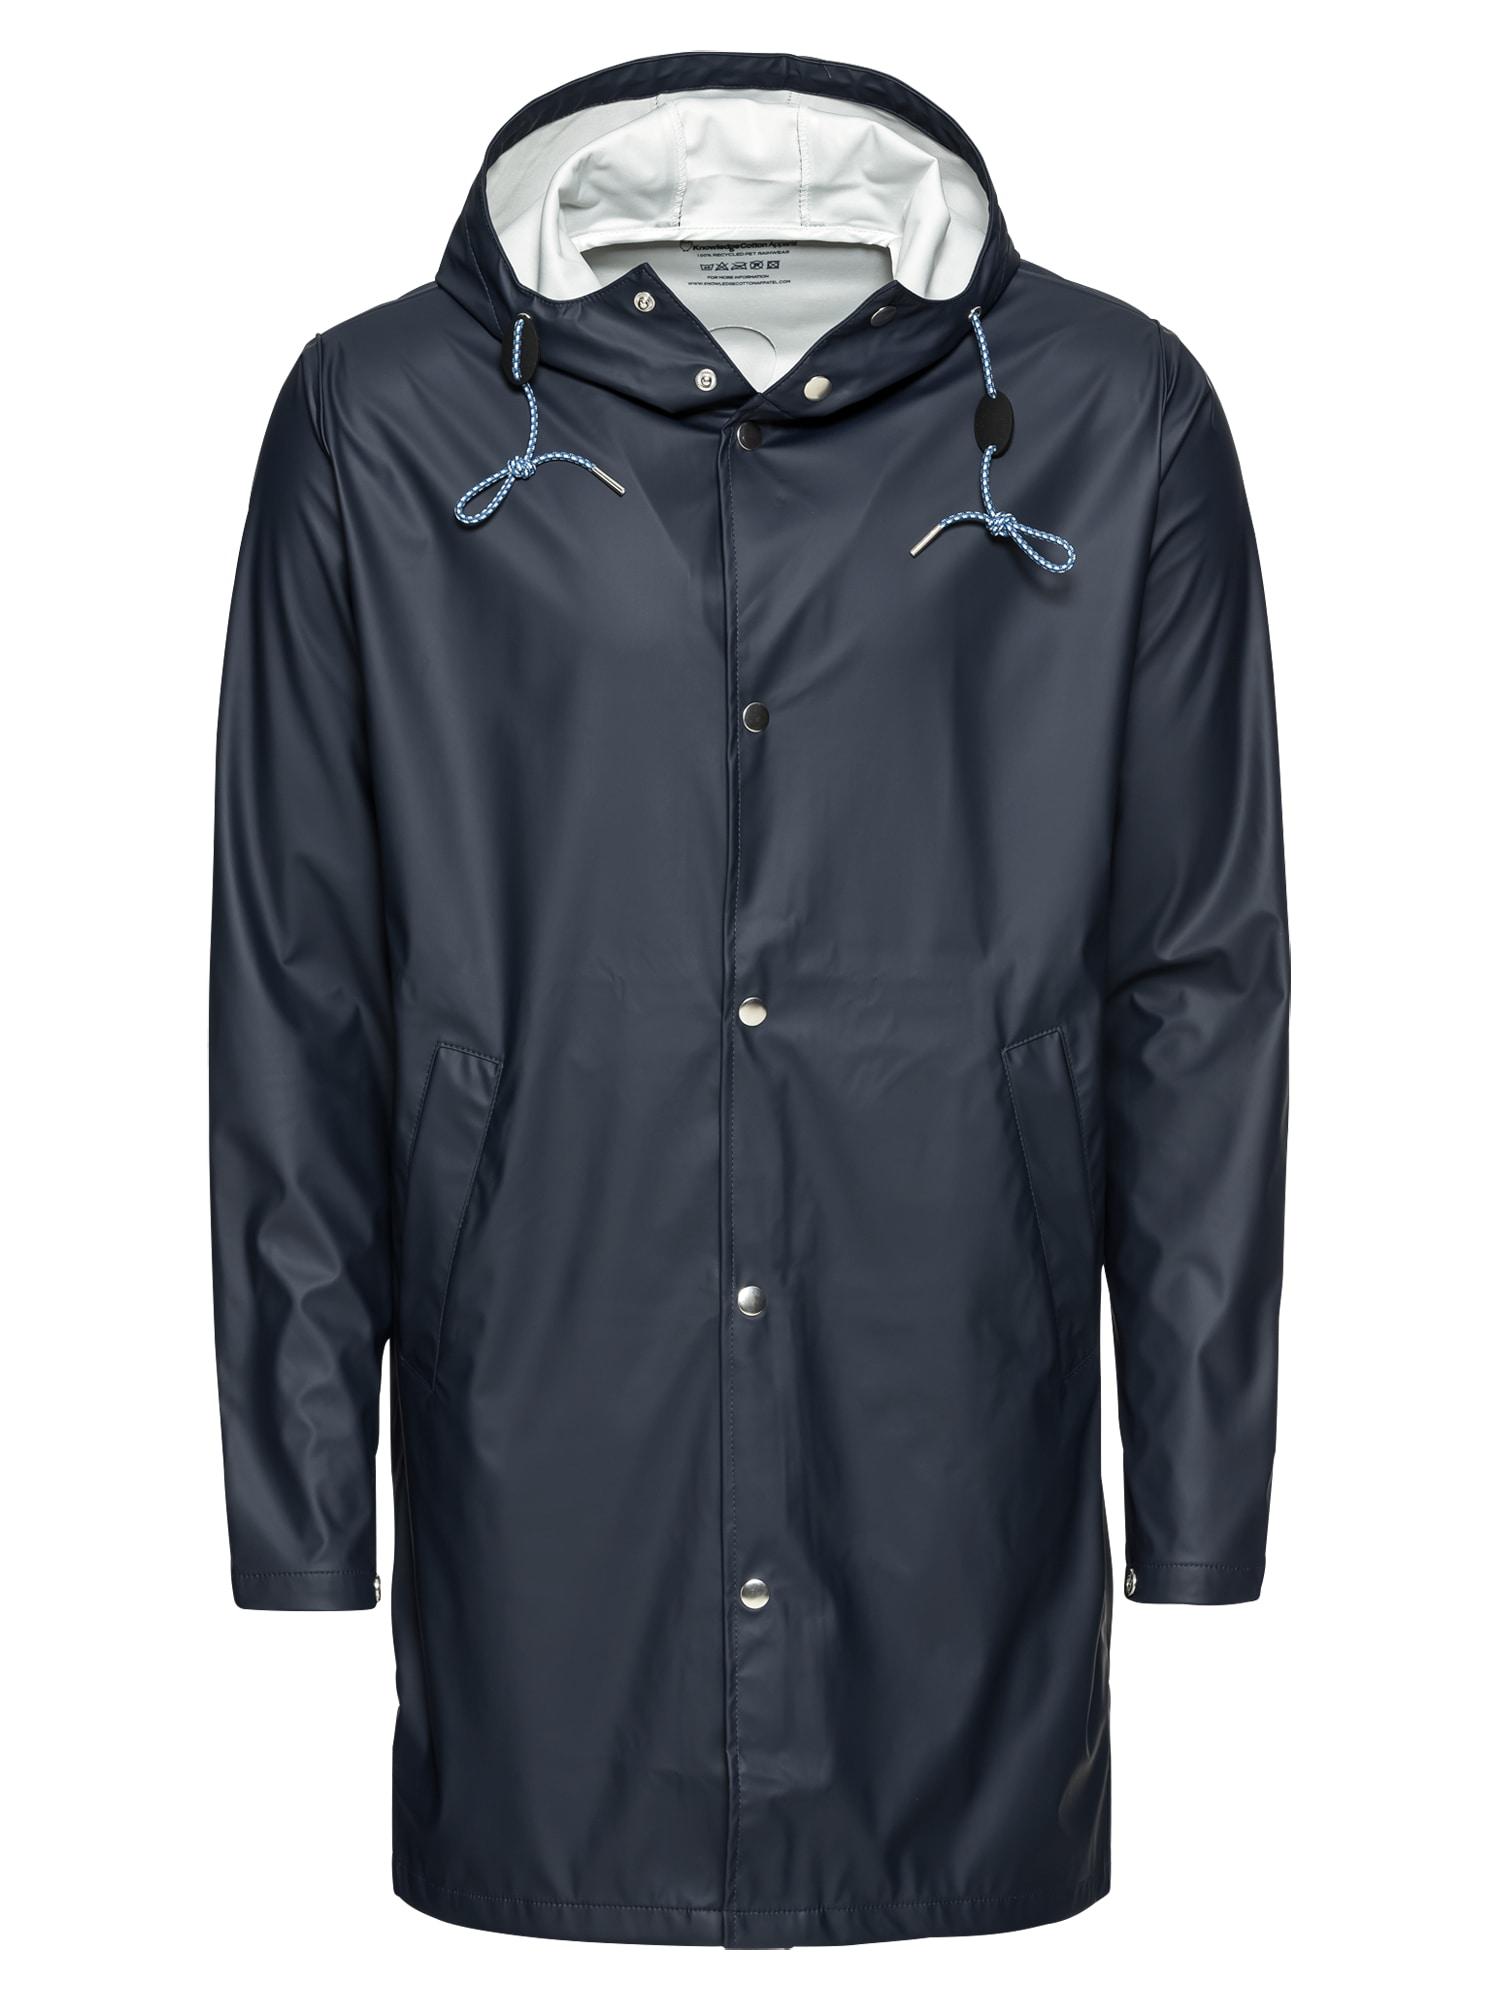 Přechodný kabát Long Rain Jacket tmavě modrá KnowledgeCotton Apparel